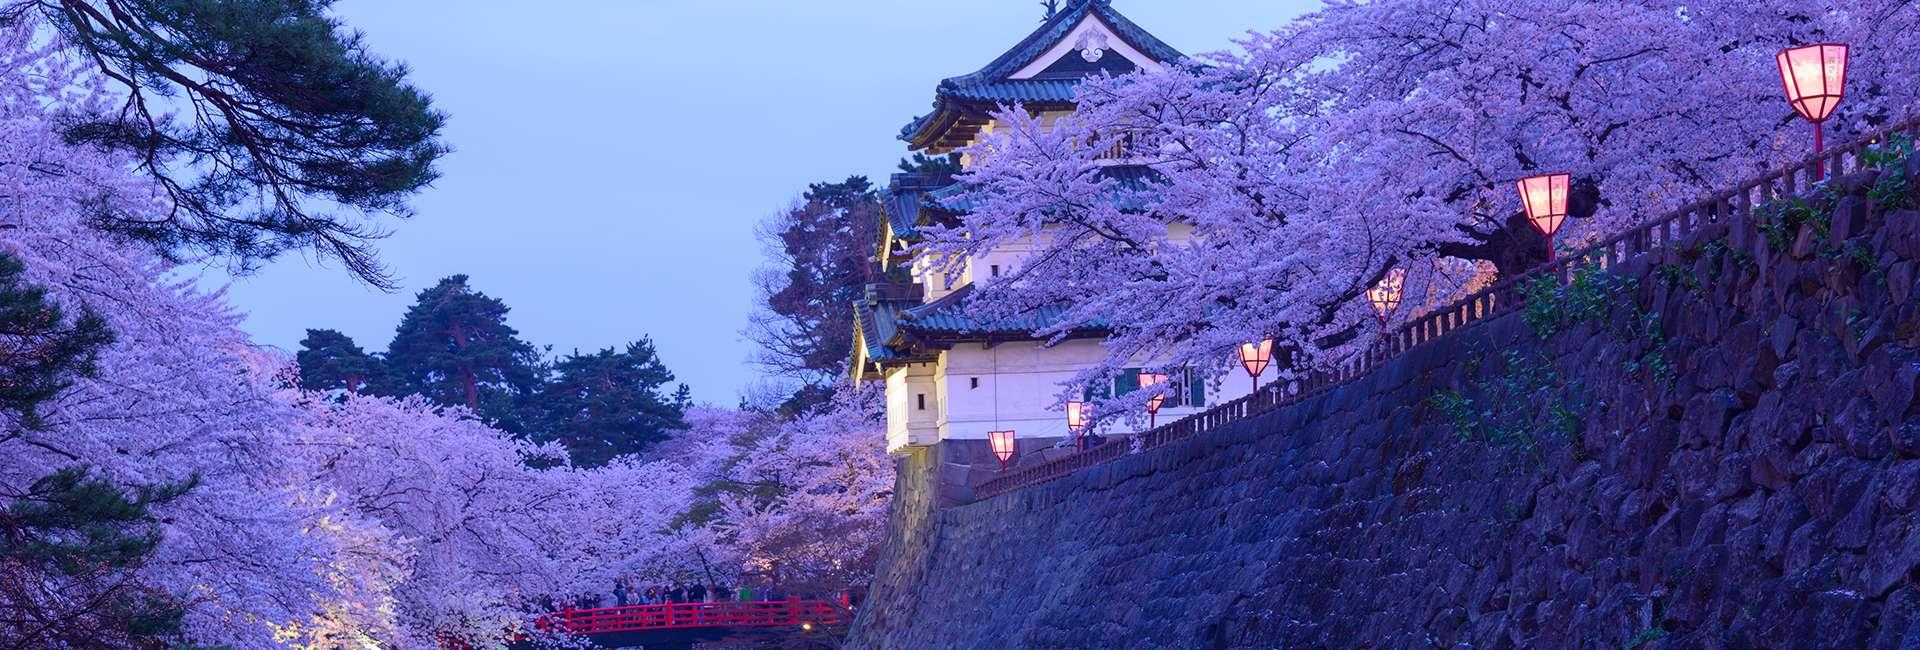 Castello di Hirosaki in Giappone